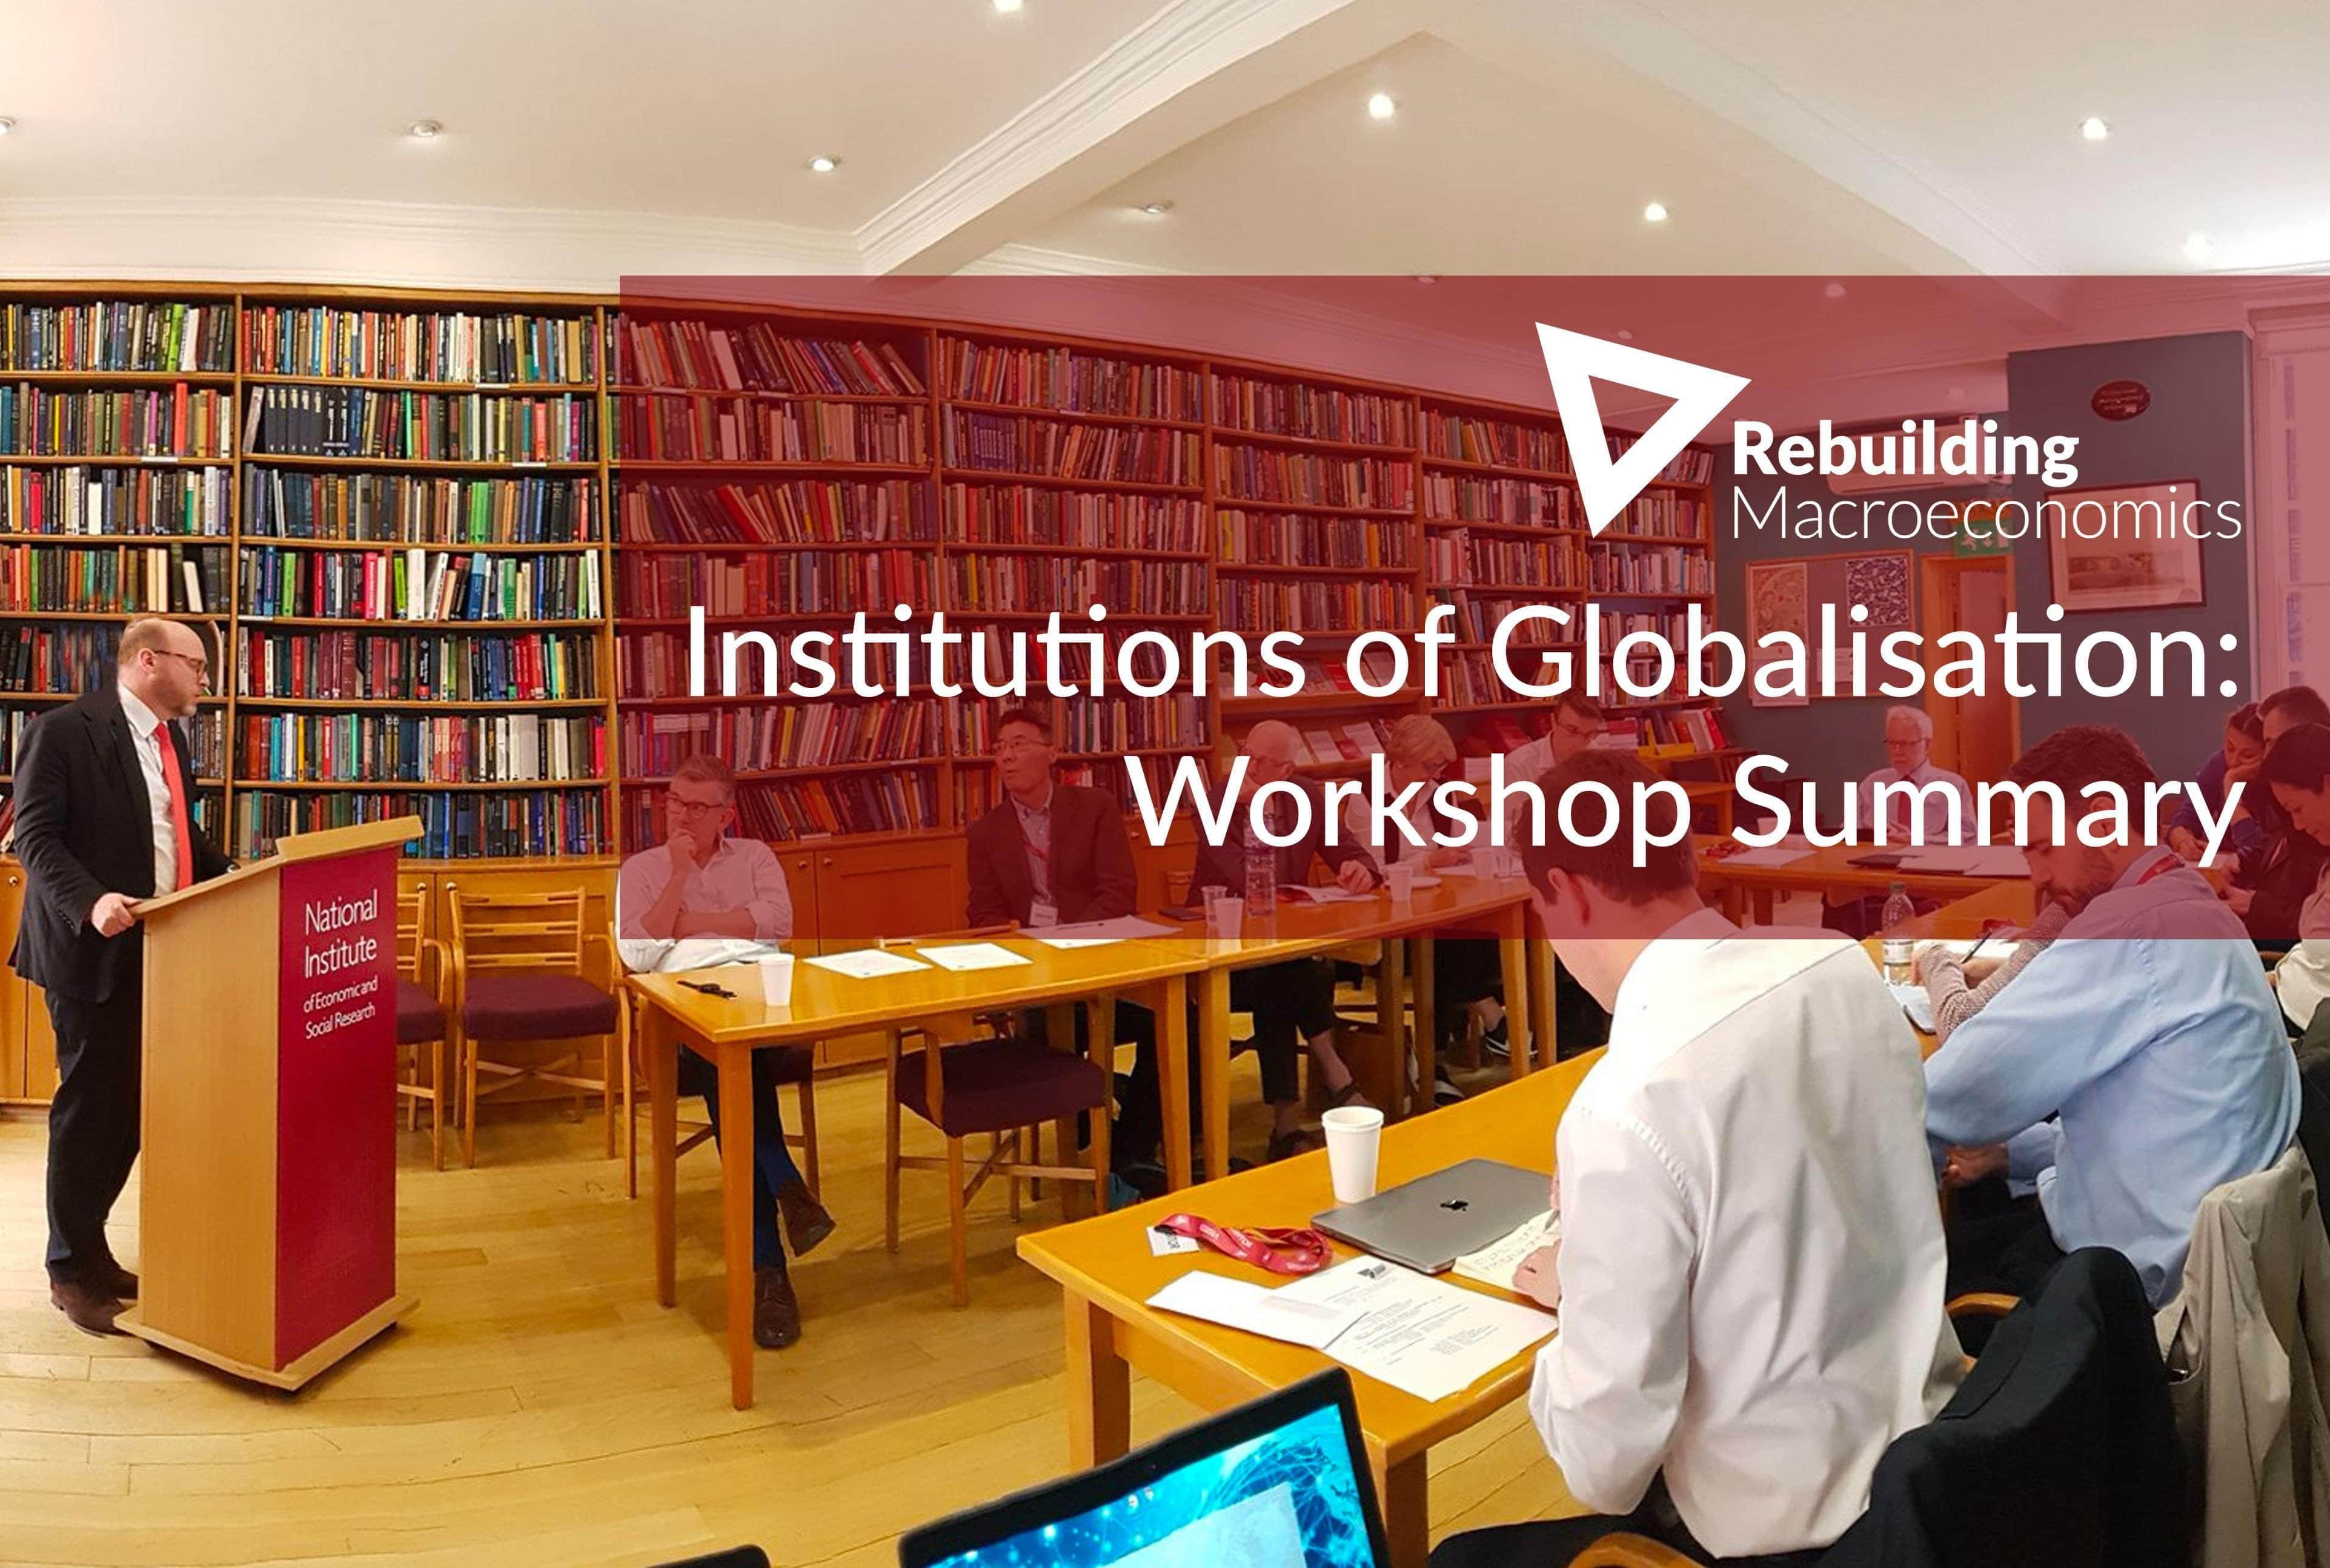 Globalisationhubworkshop